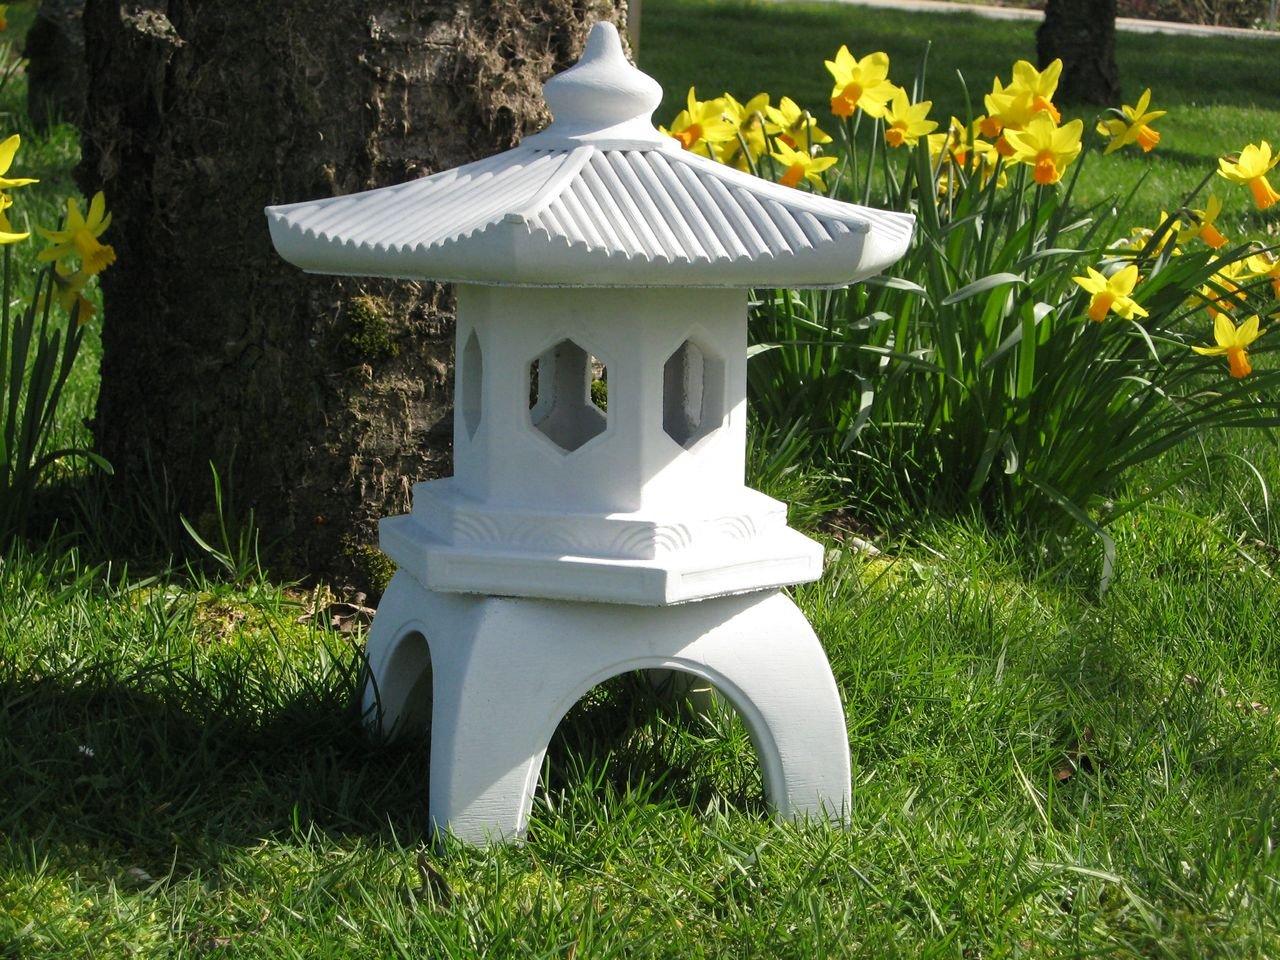 Cement PAGODA Lantern 16''H, 3-piece GRAY CONCRETE Outdoor Garden Statue